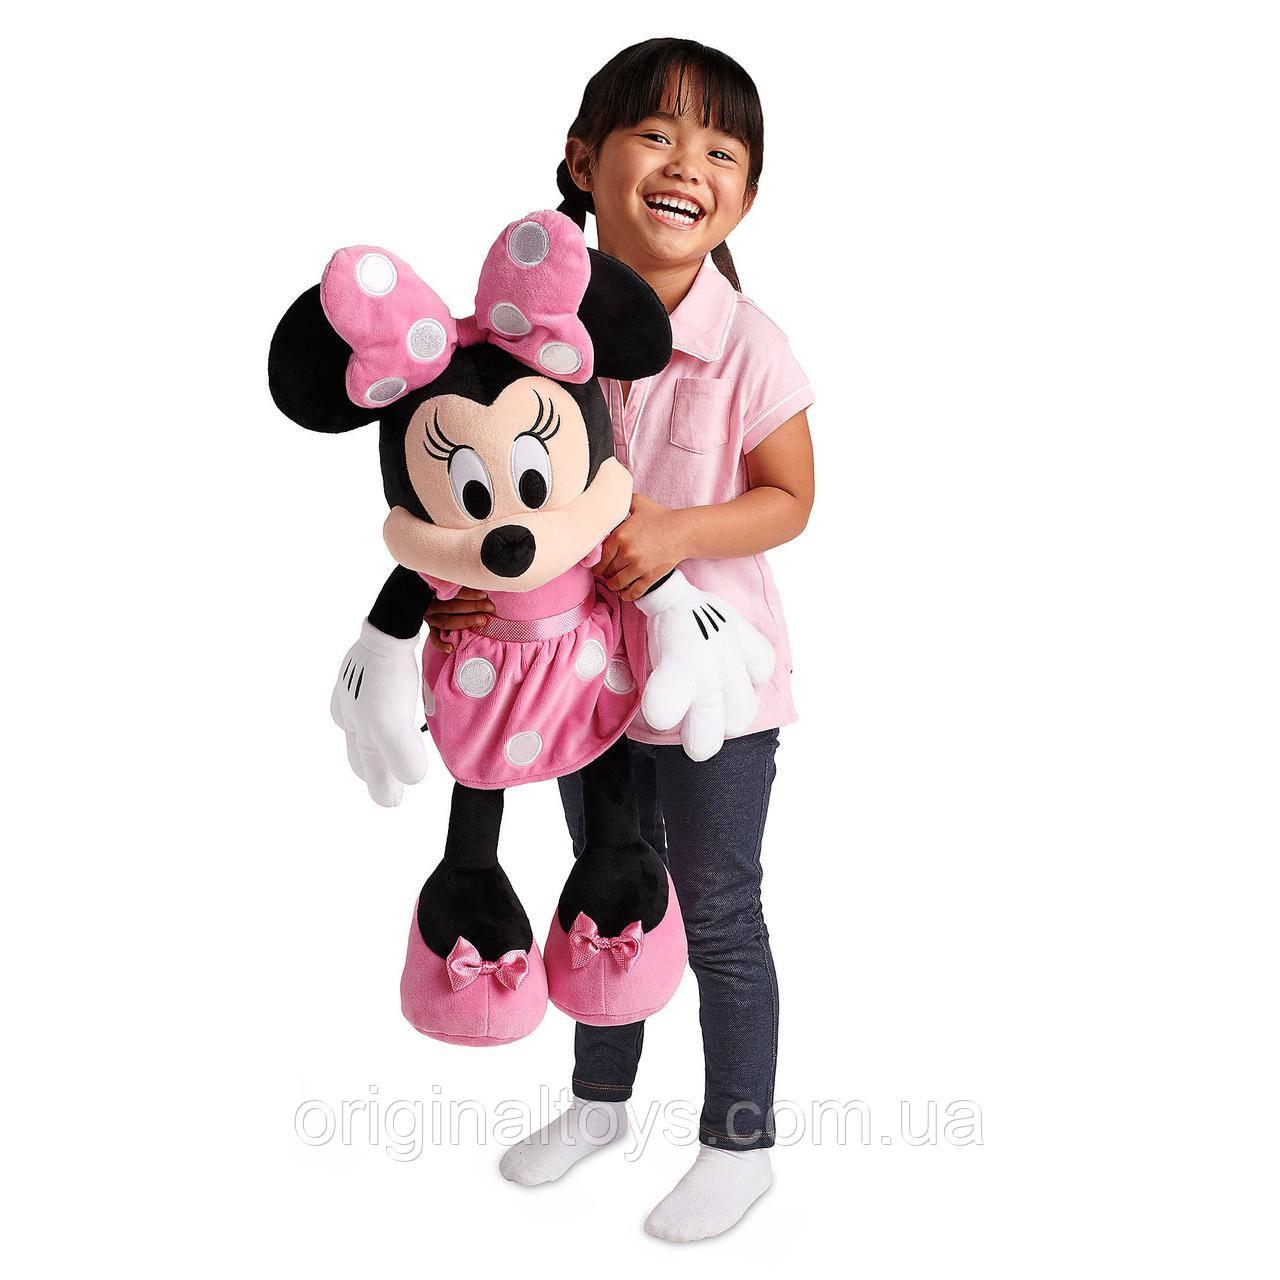 Мягкая плюшевая игрушка Минни Маус Minnie Mouse Дисней 70 см